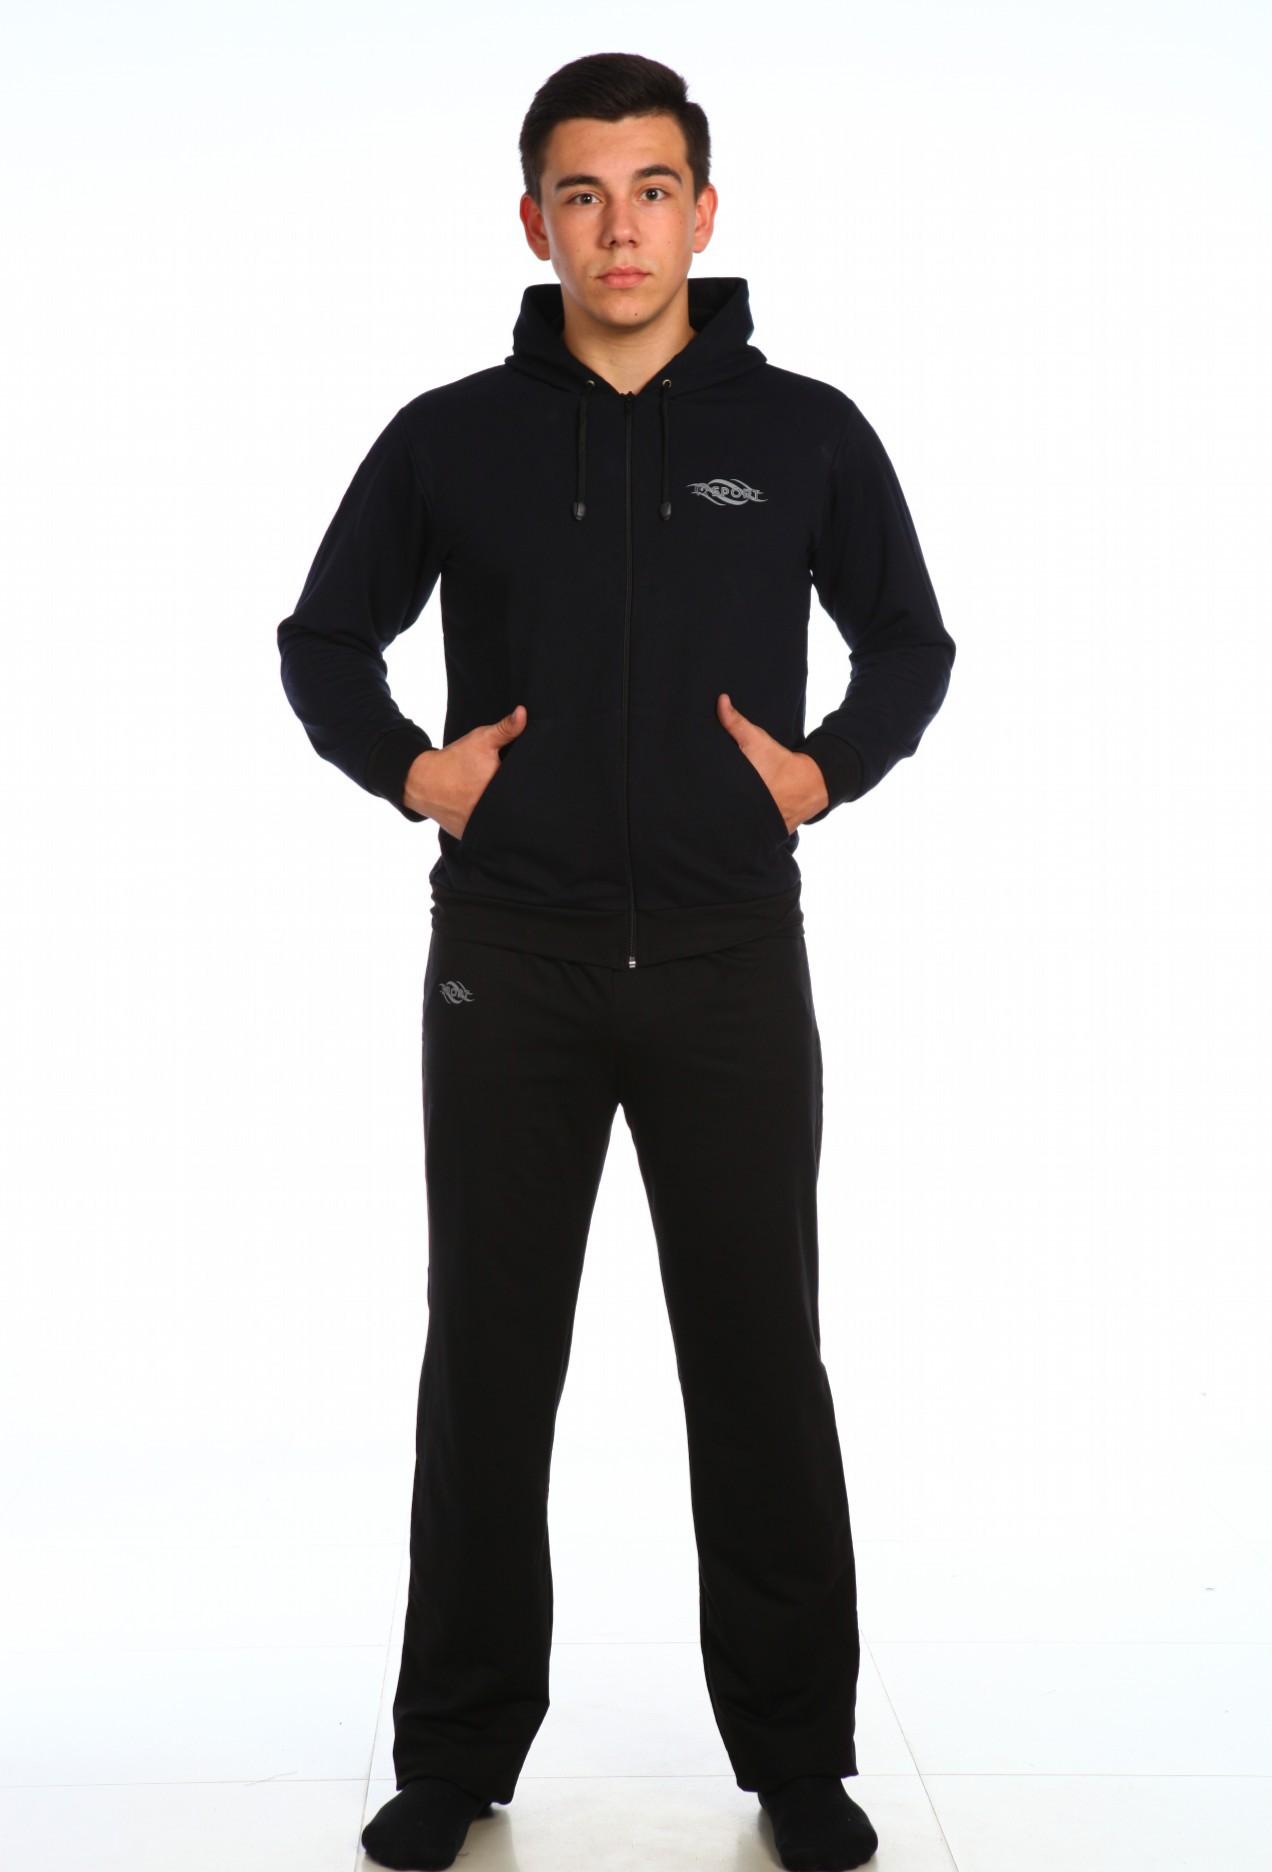 Костюм мужской Спорт толстовка и брюкиКостюмы<br><br><br>Размер: 58